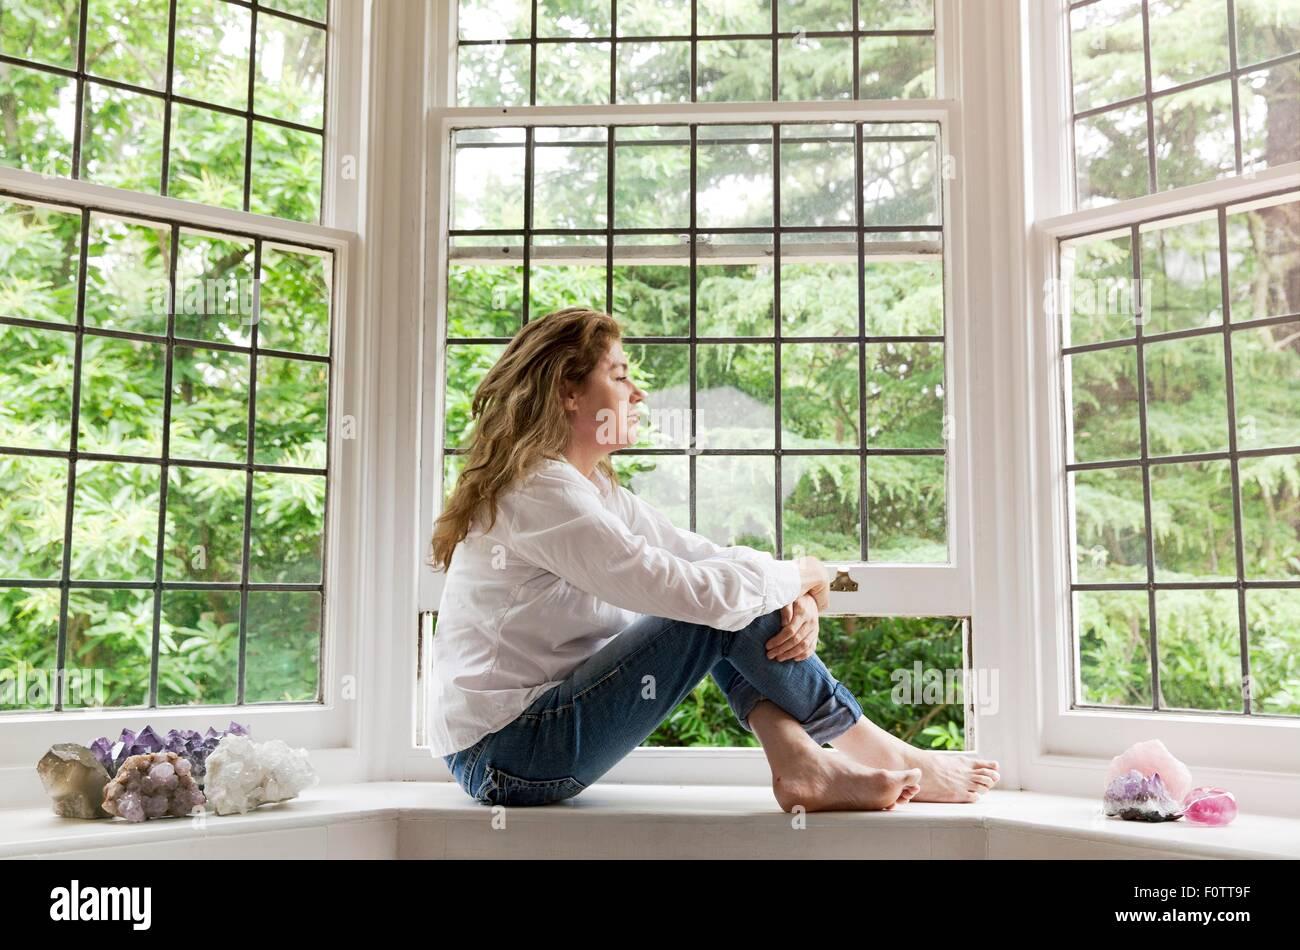 Retrato de mujer madura, sentado en el salón ventanal mirando afuera de la ventana Imagen De Stock